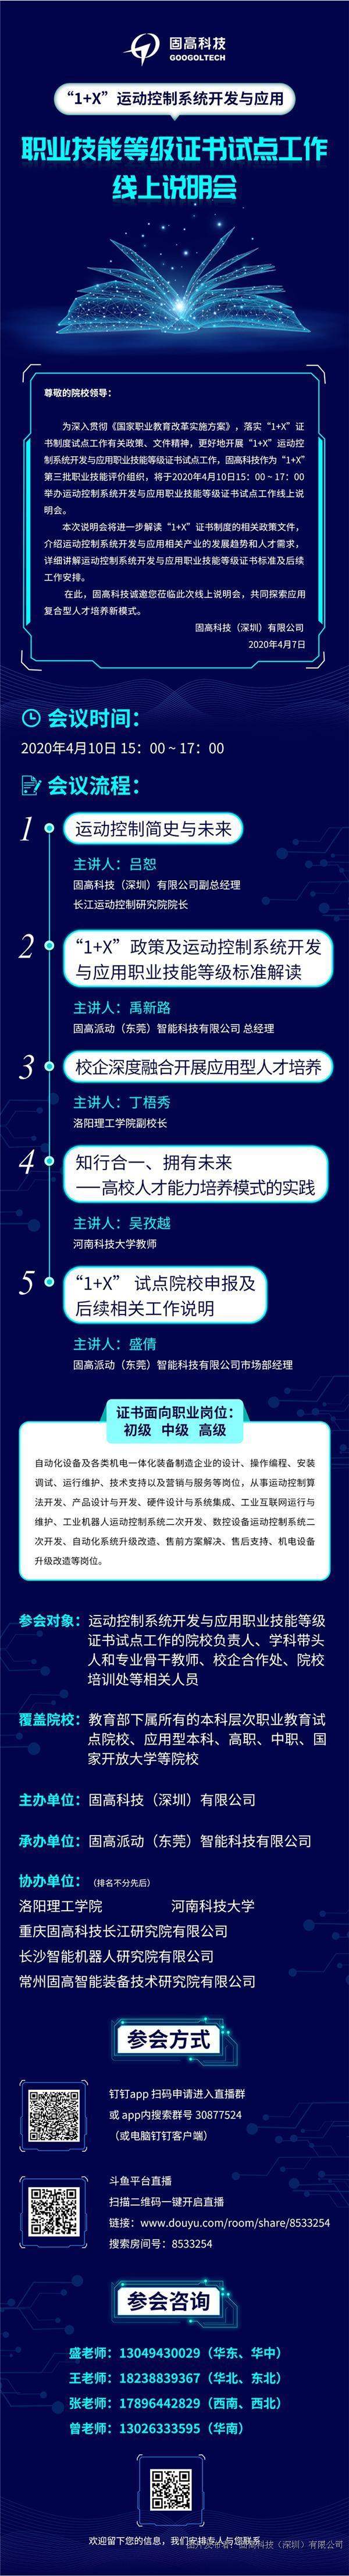 """""""1+X""""運動控制系統開發與應用職業技能等級證書試點工作線上說明會"""